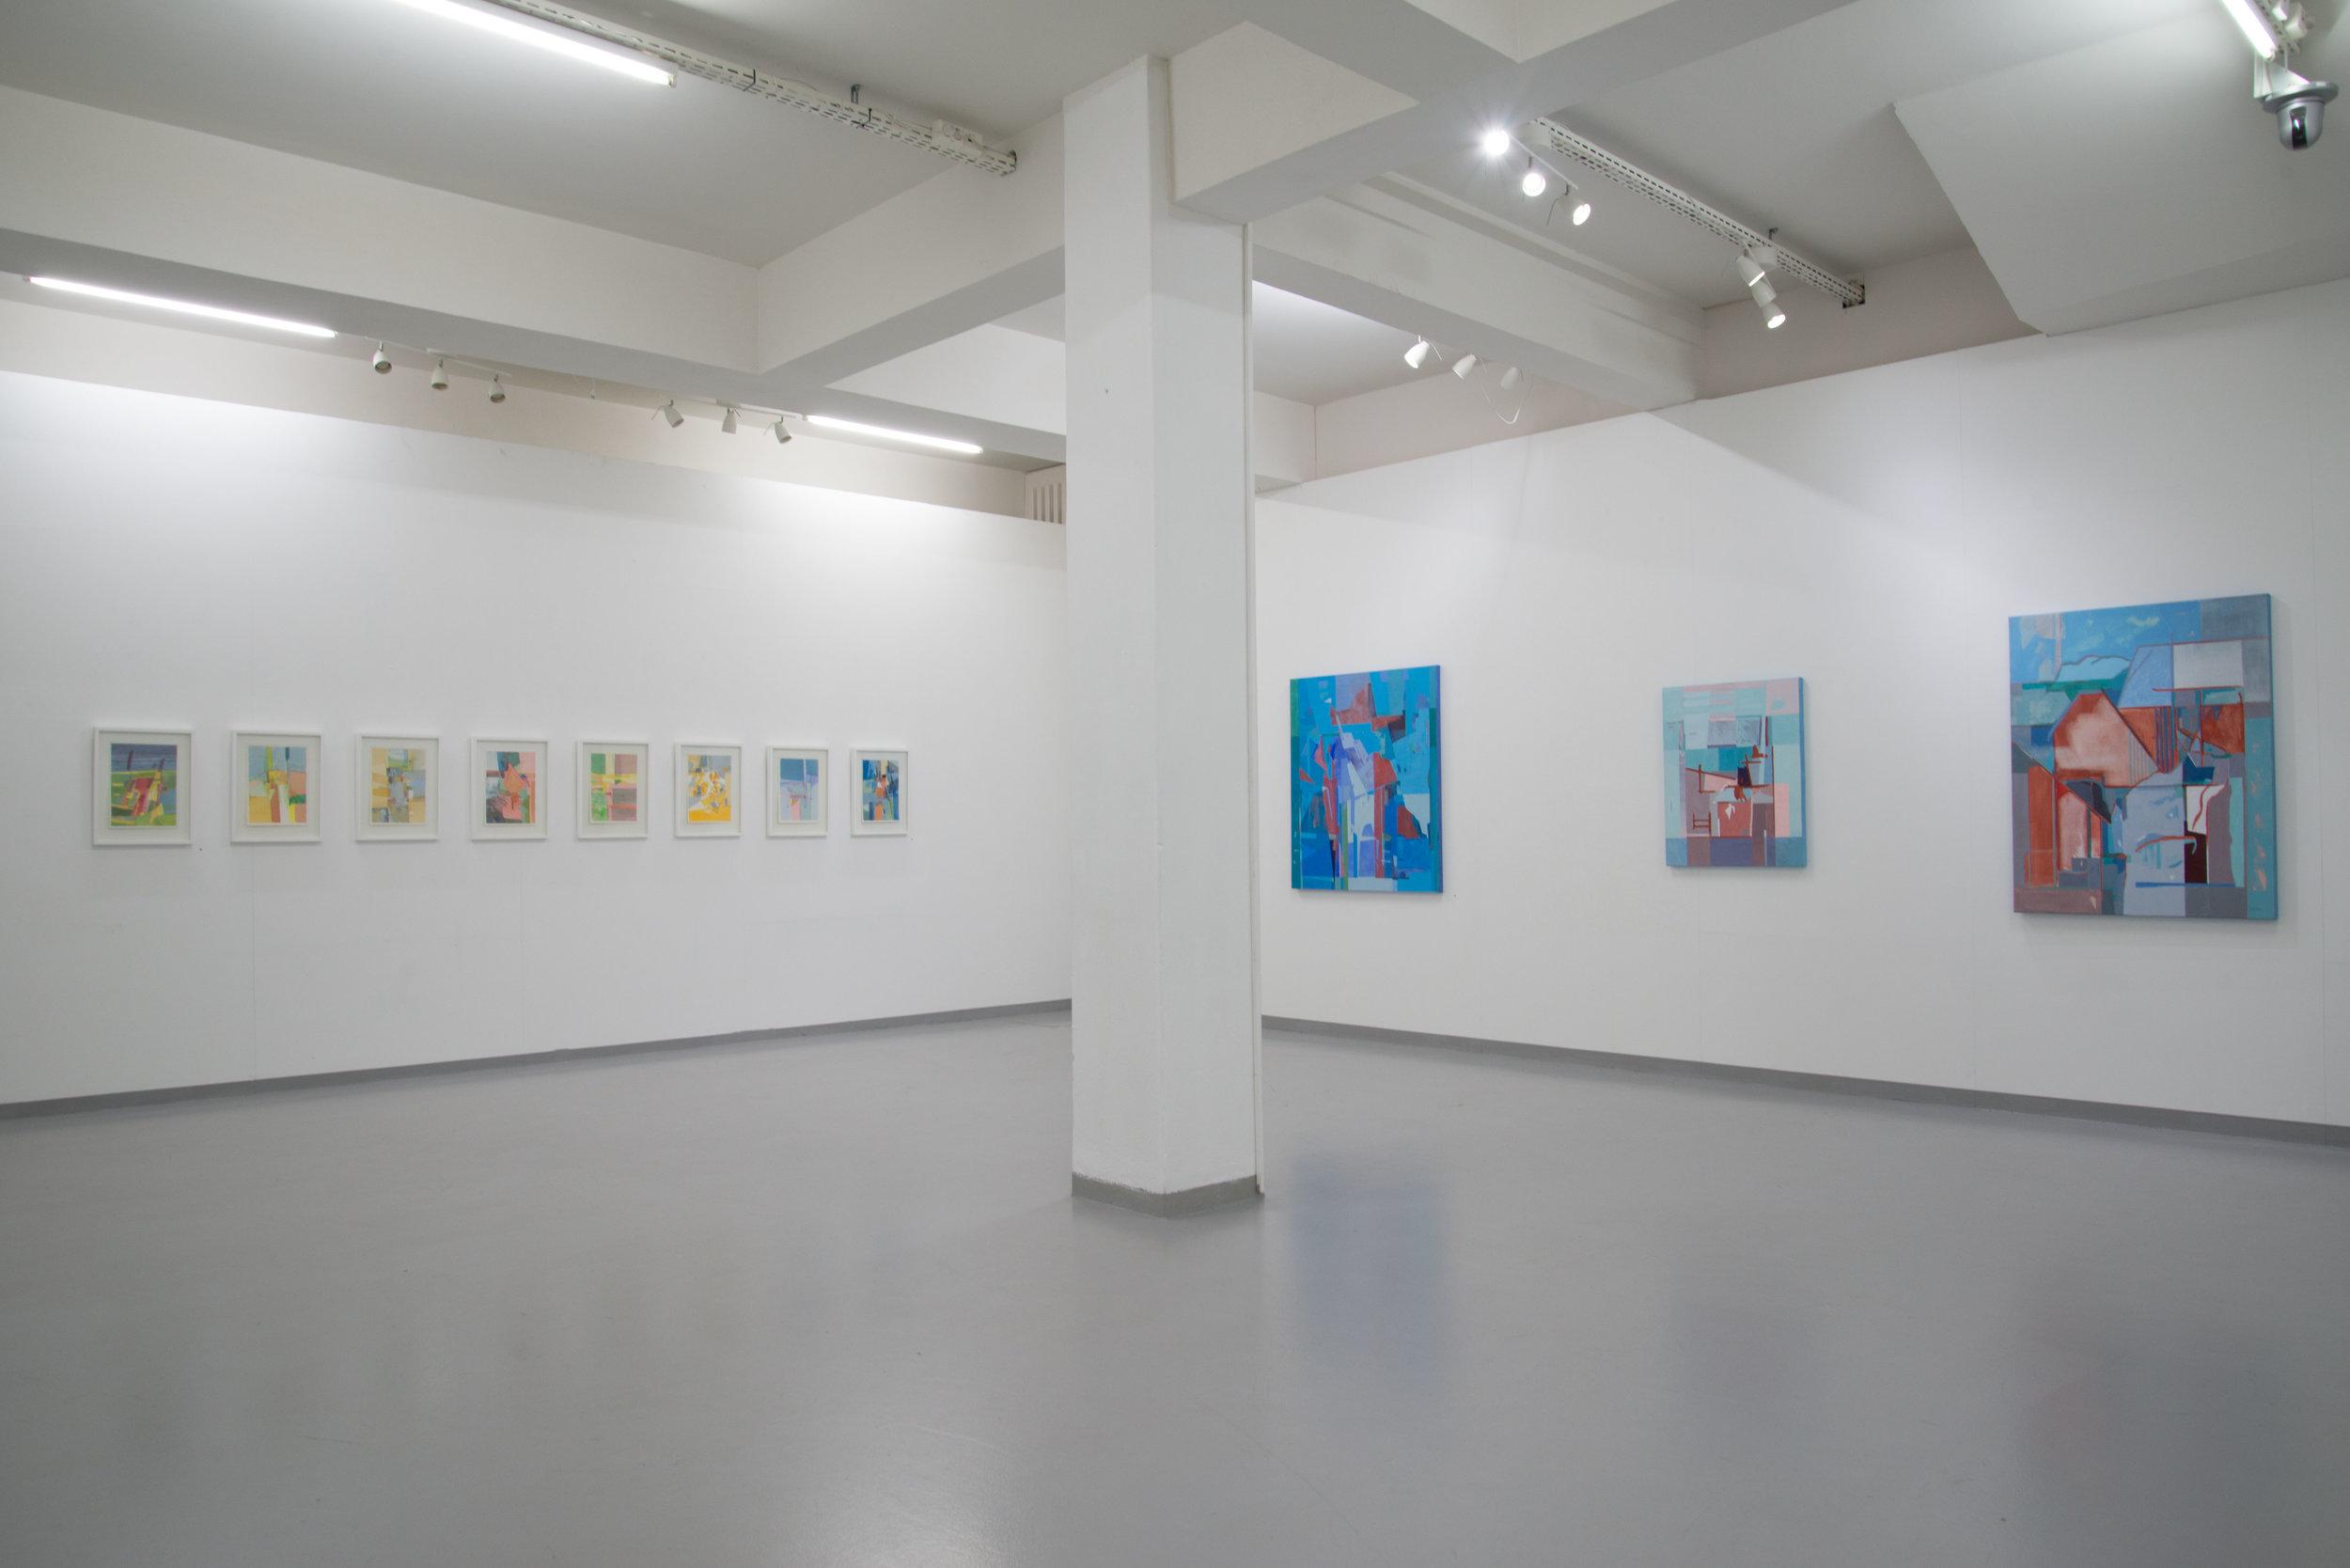 Utstilling_SandnesKunstforening (4 of 18).jpg